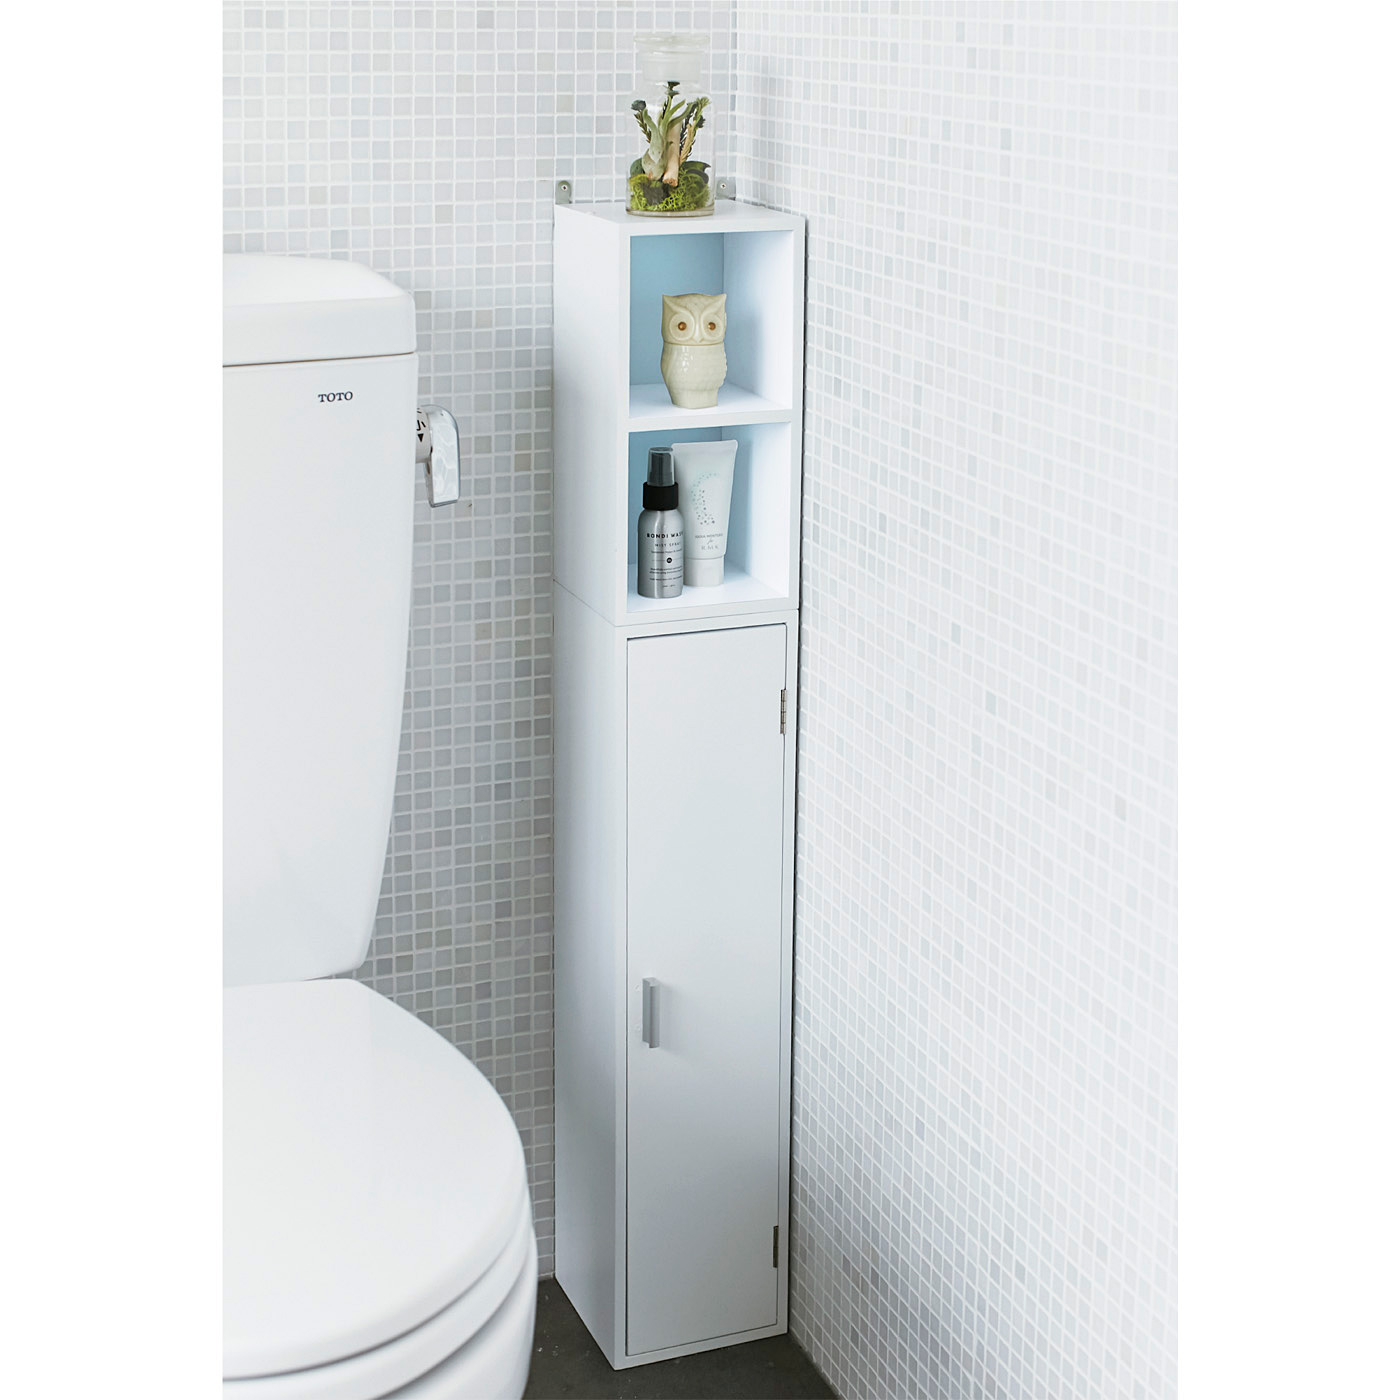 トールとショートを重ね合わせて個室の一角に設置すれば、縦長のコンパクト収納にも。